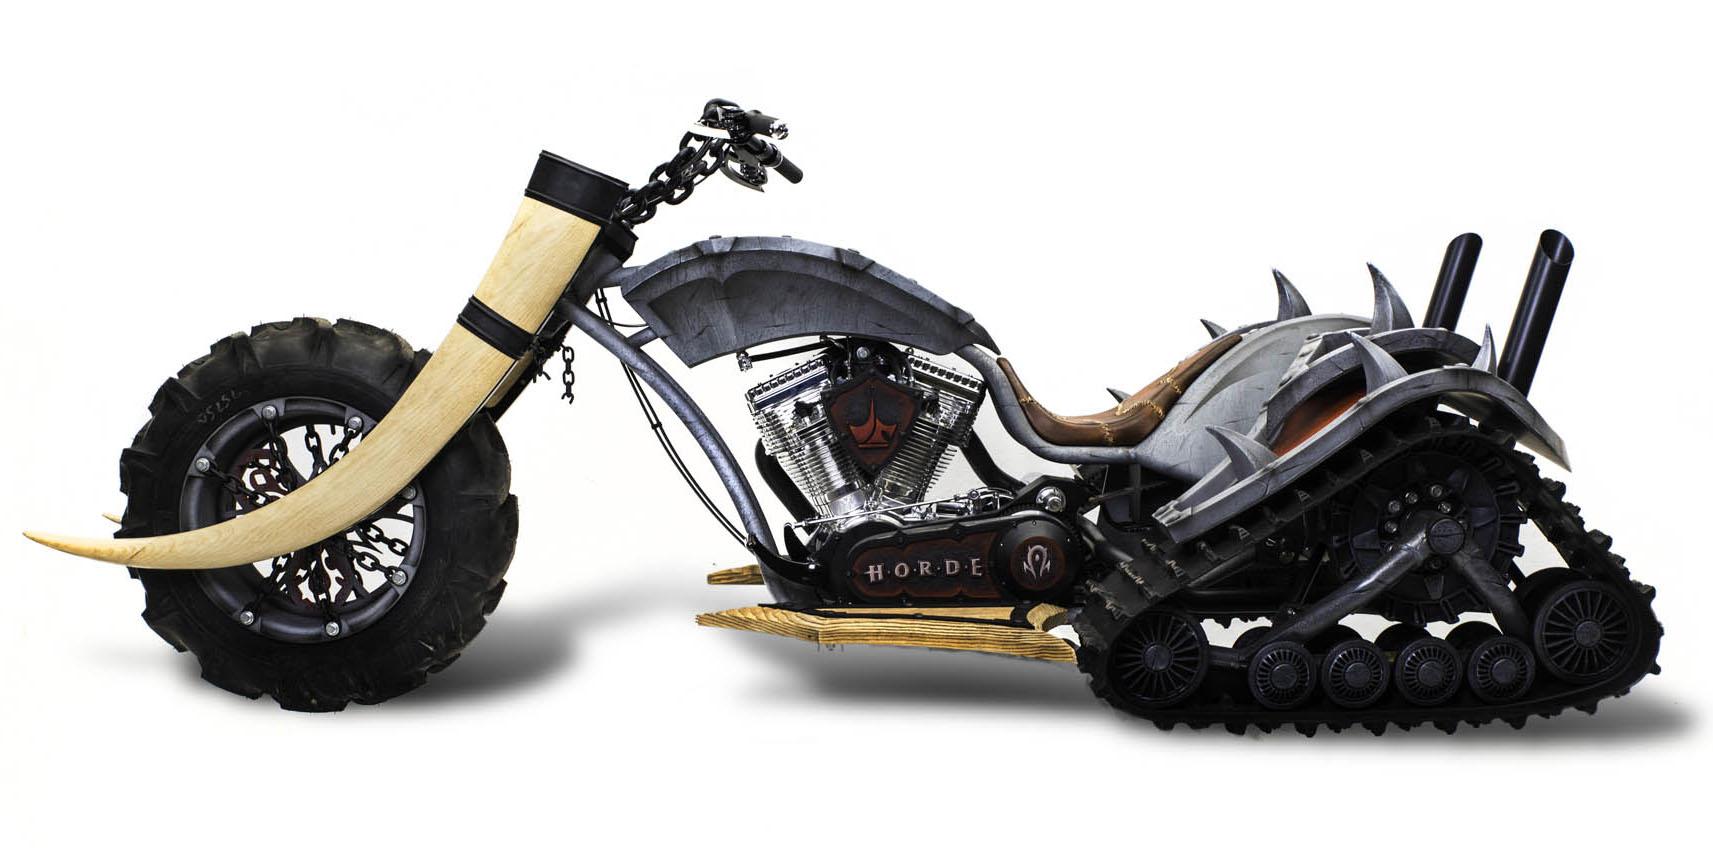 paul-jr-designs-wow-horde-bike-030